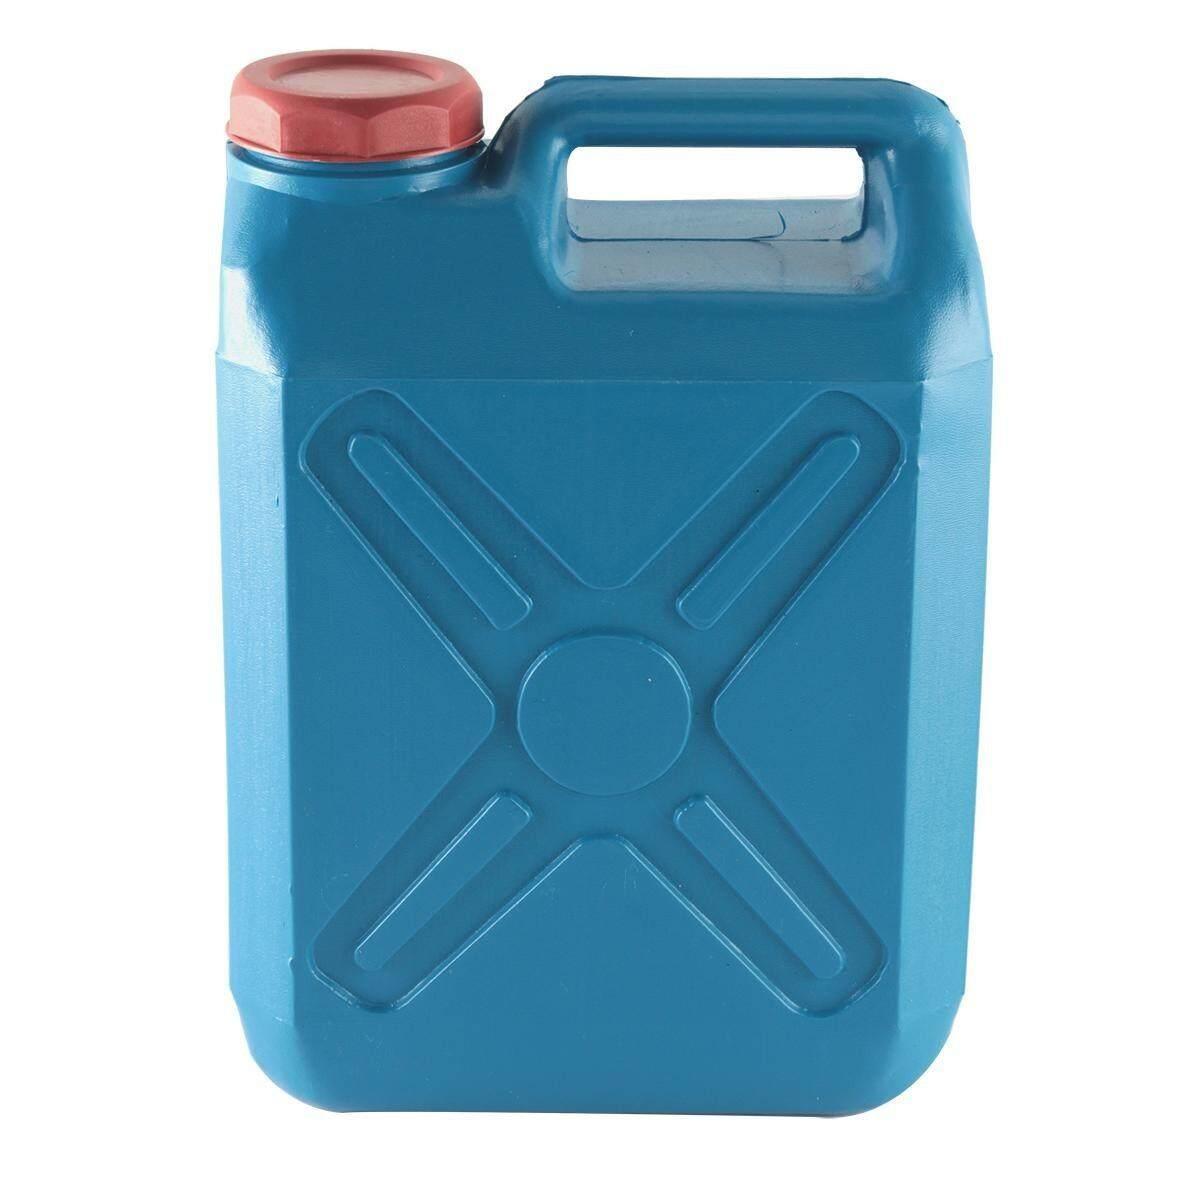 Bd&p Shop ถังใส่น้ำมัน ถังแกลลอนพลาสติก 10 ลิตร ขนาด 23x52x36ซม.สีฟ้า.